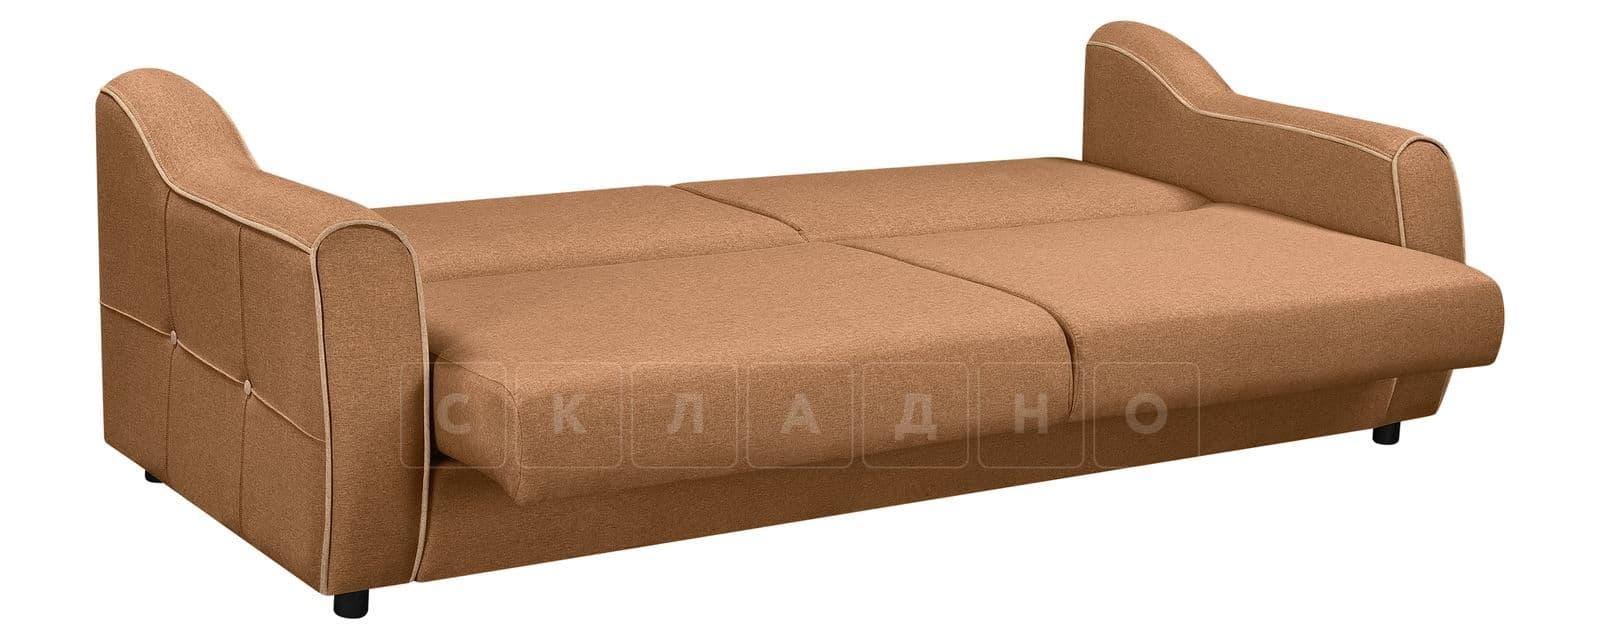 Диван Флэтфорд рогожка коричневый цвет фото 4 | интернет-магазин Складно